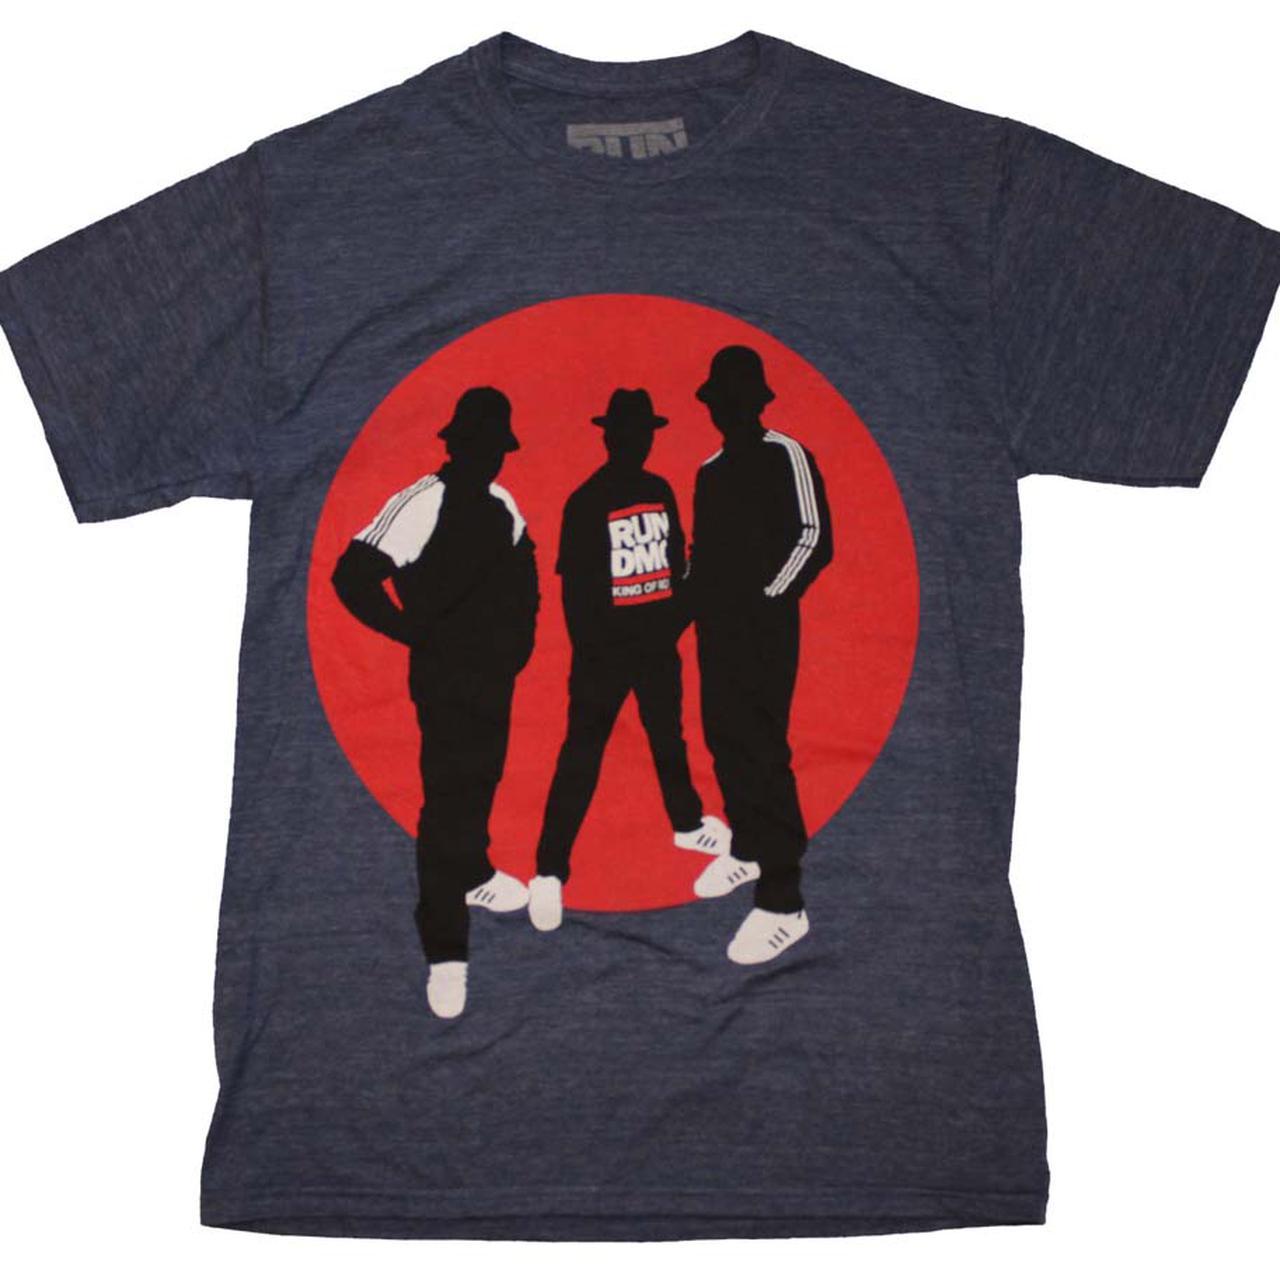 run dmc t shirt run dmc silhouette circle tri blend t shirt. Black Bedroom Furniture Sets. Home Design Ideas